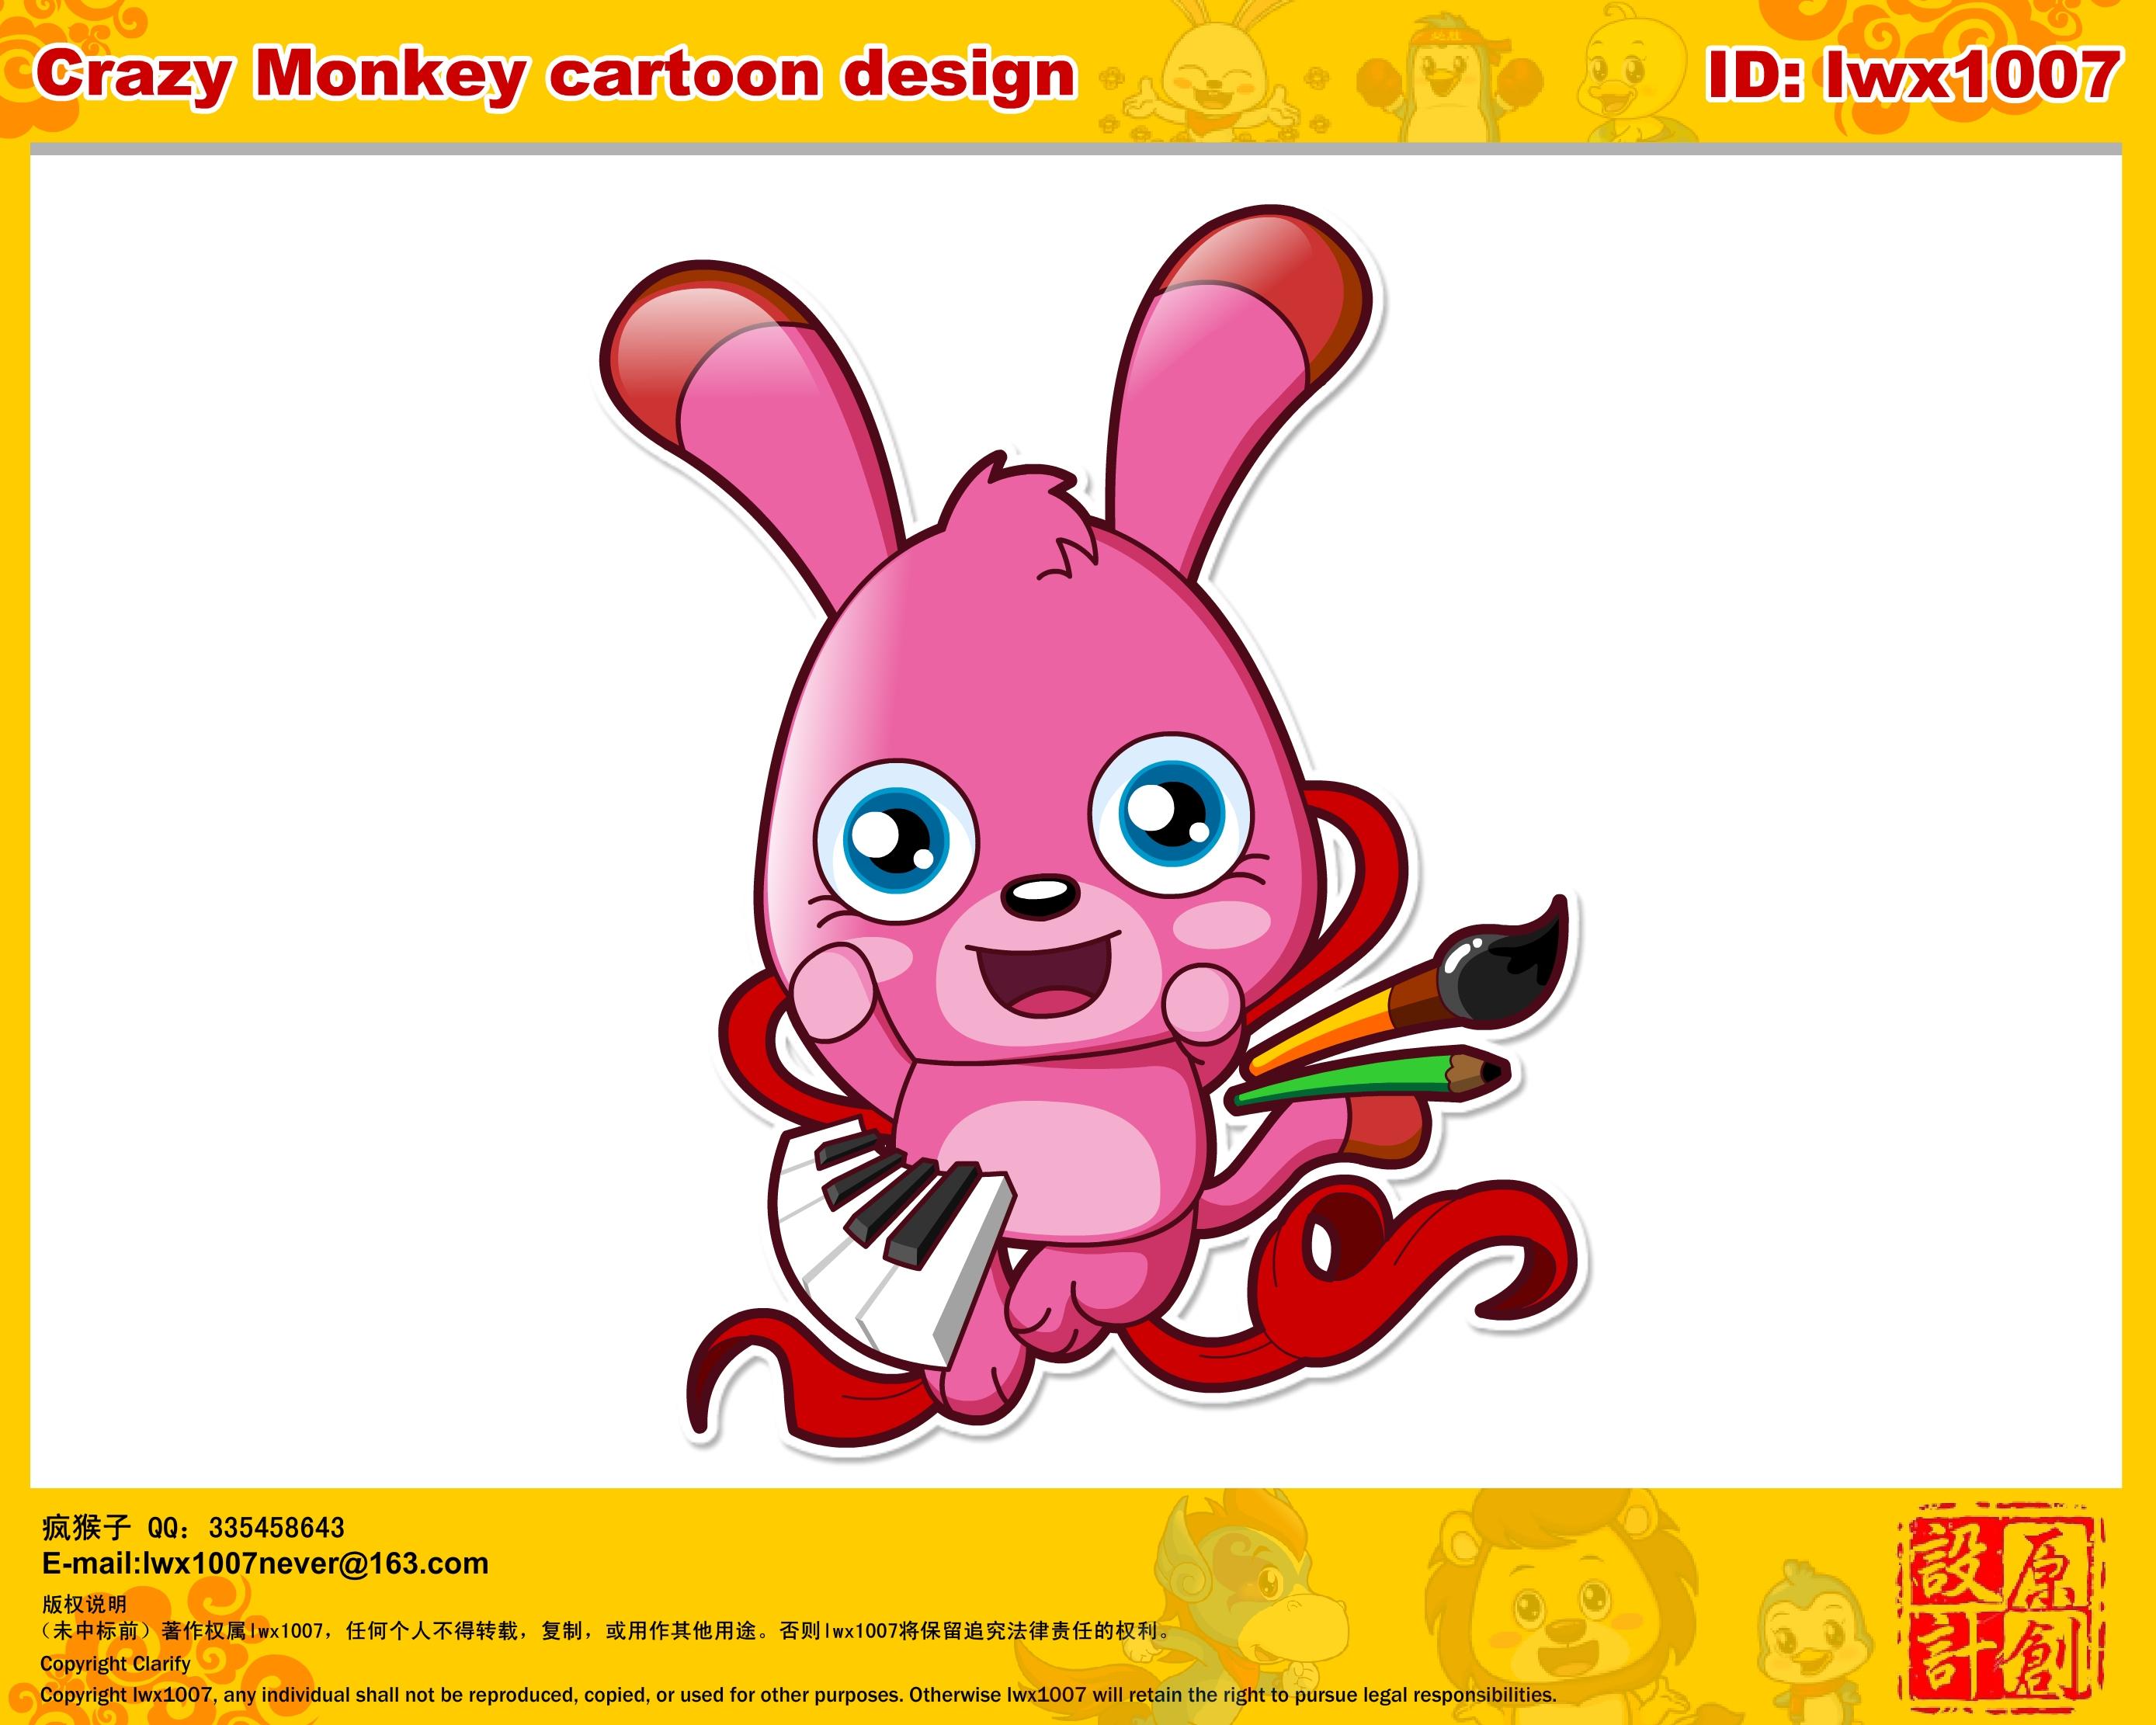 符合本次活动的主题思想,在小兔子上做延伸设计成小精灵的目的是,为了